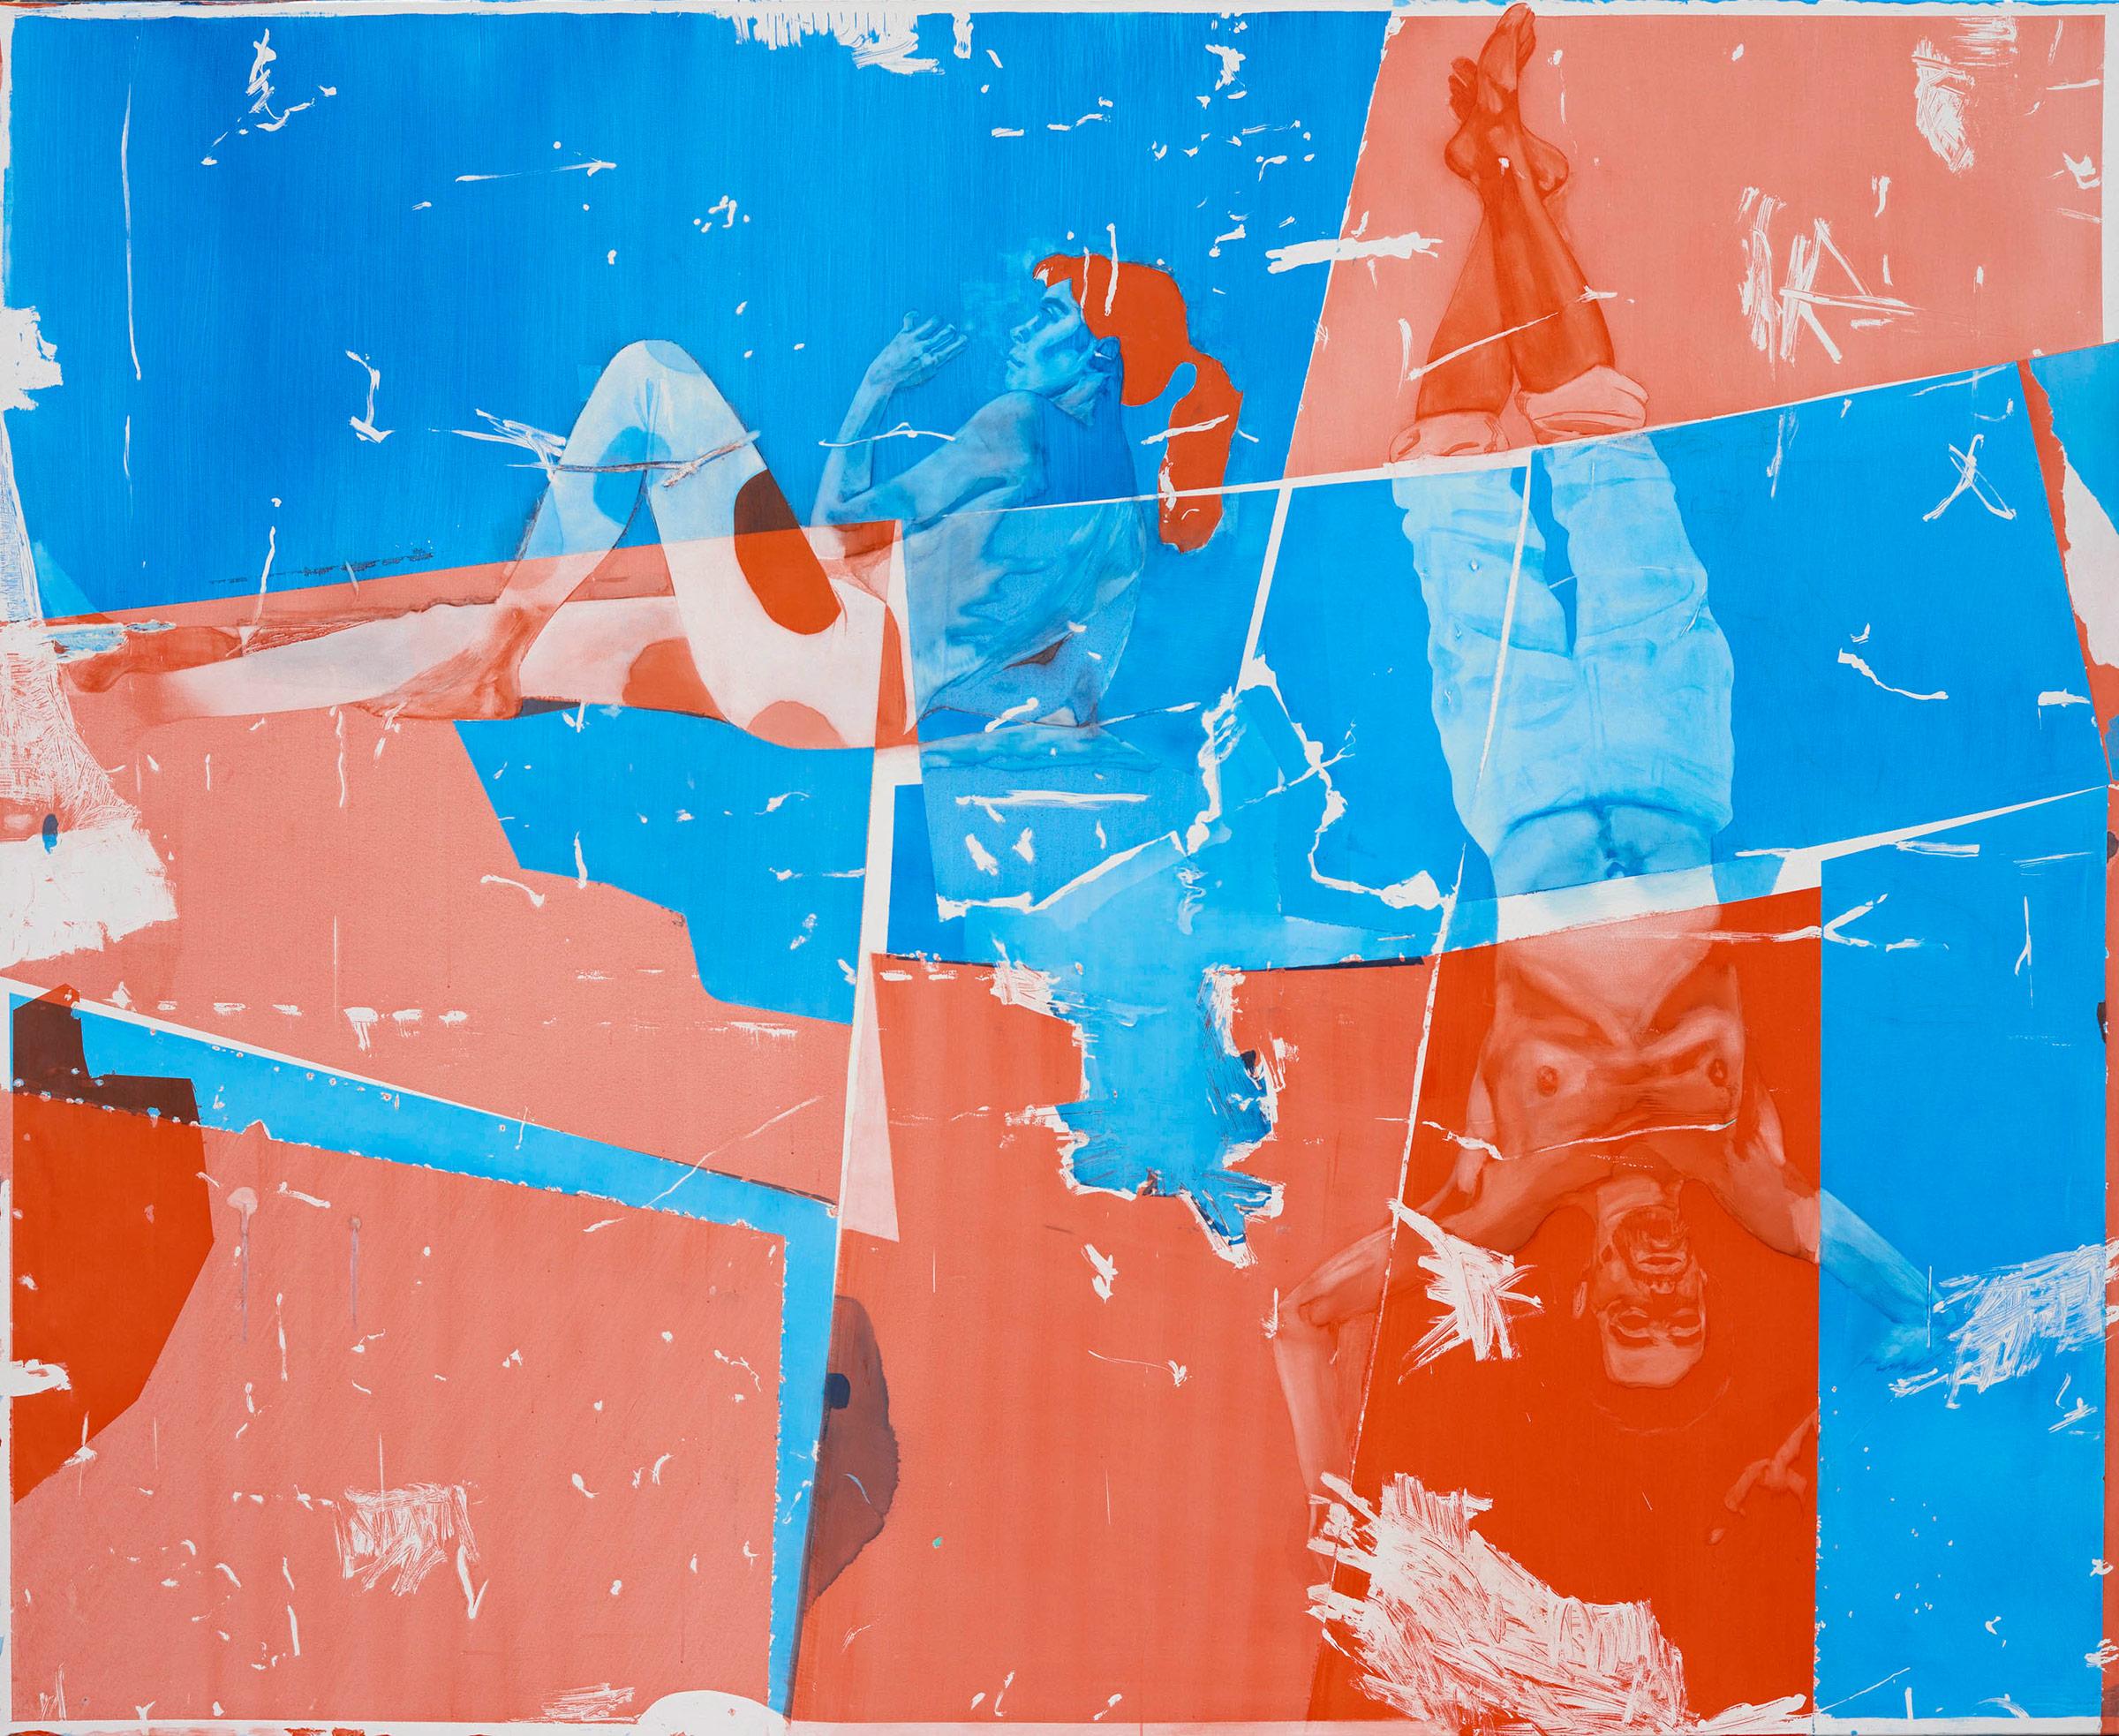 michael-rampa-gym-2016-aquarelle-et-vernis-sur-toile-240x290cm